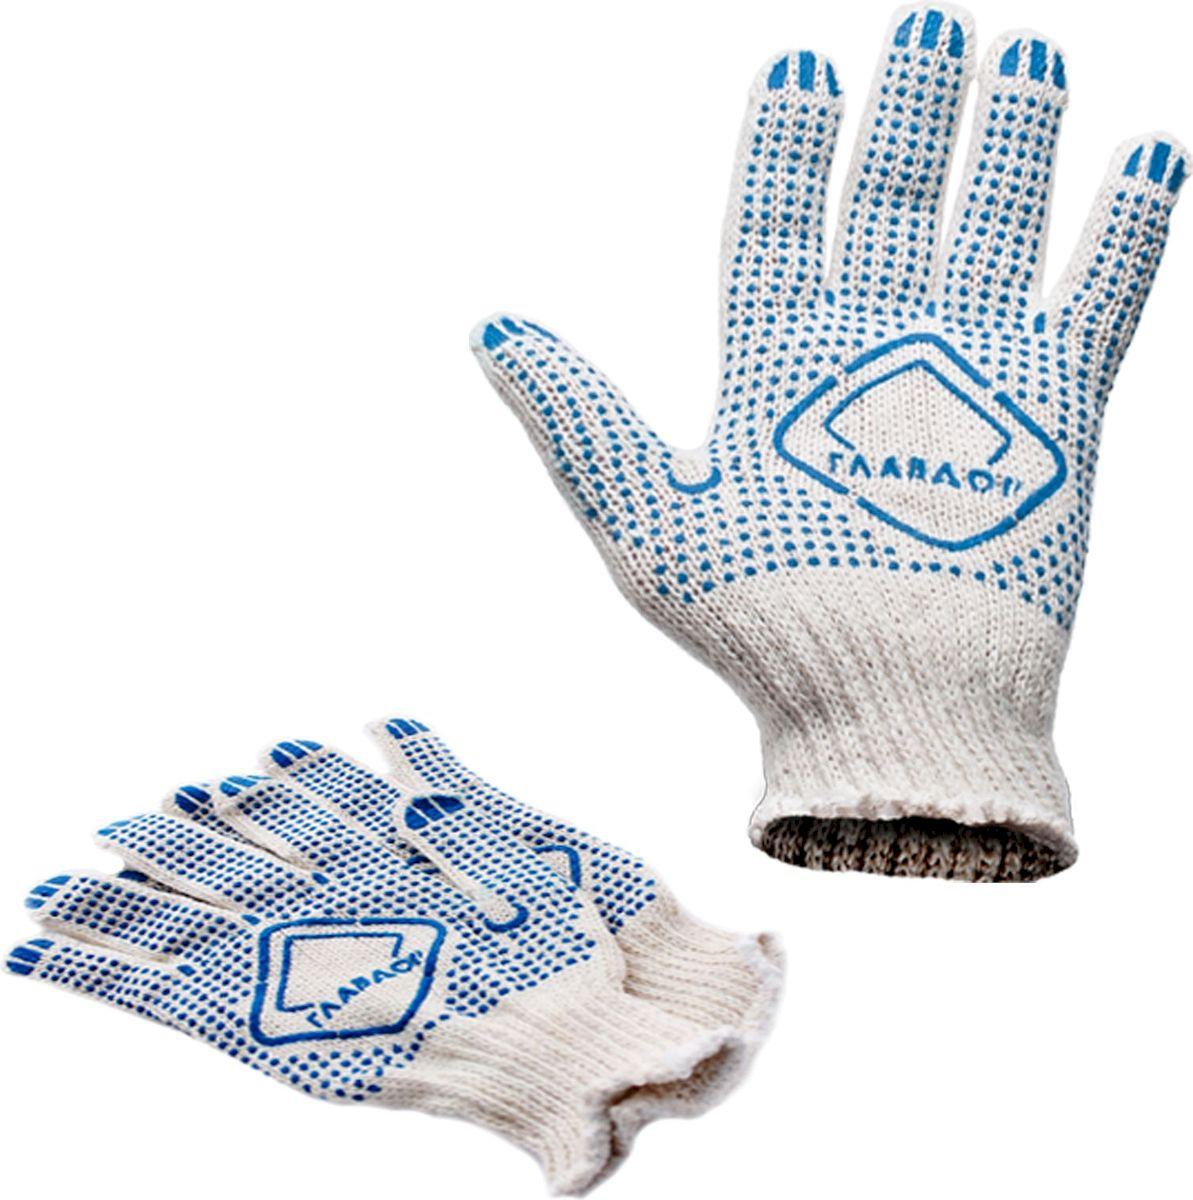 Перчатки защитные Главдор, цвет: белый. GL-106FS-80423Классические защитные перчатки Главдор выполнены из хлопка в 4 нити с точками с ПВХ. Прекрасно подходят для проведения ремонтных и прочих работ, а также для защиты рук от загрязнений.